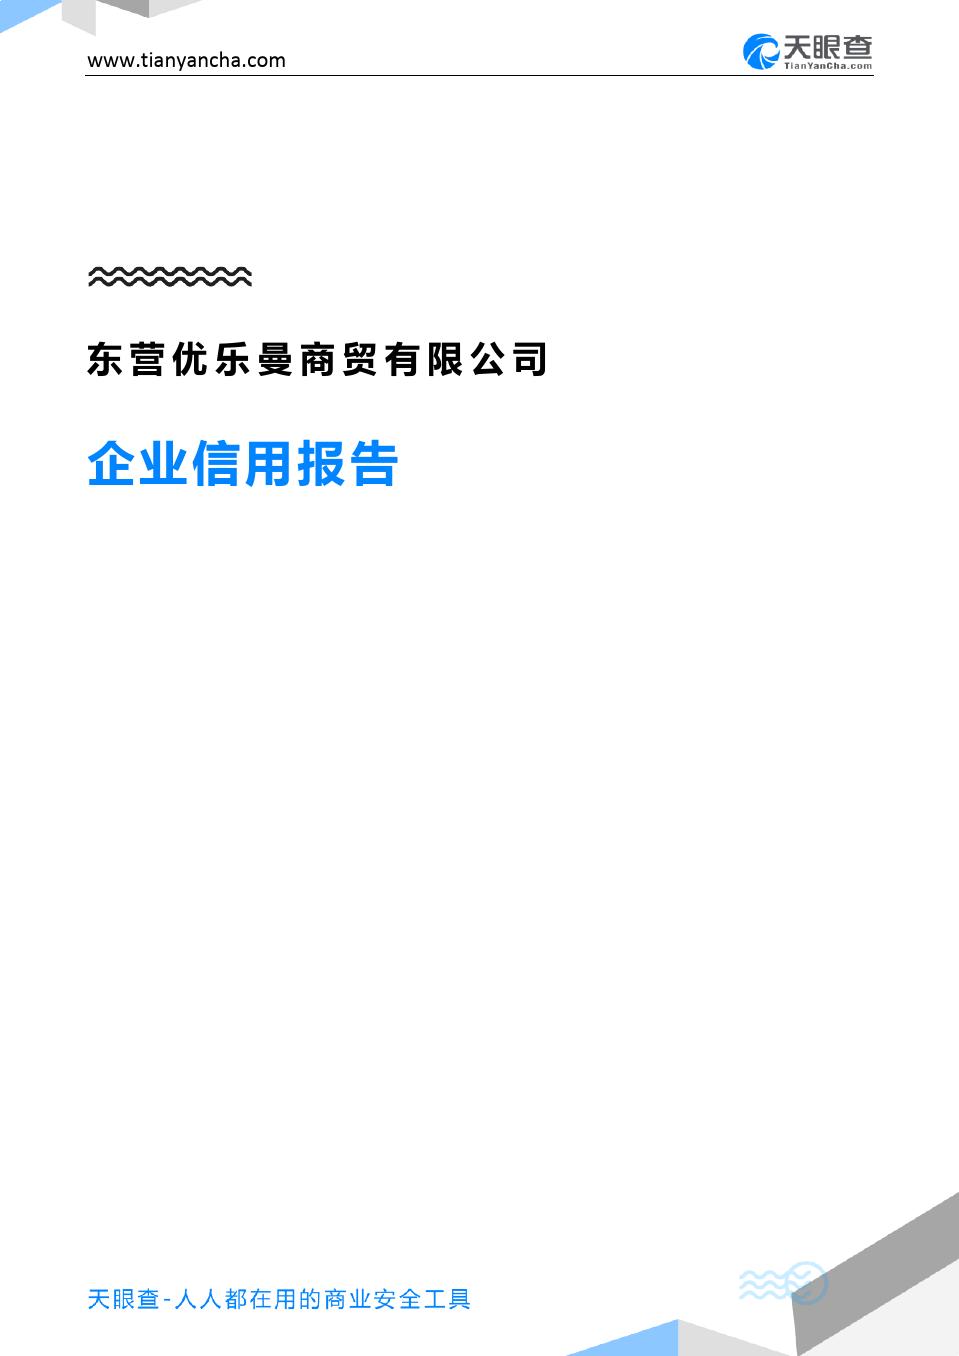 东营优乐曼商贸有限公司(企业信用报告)- 天眼查